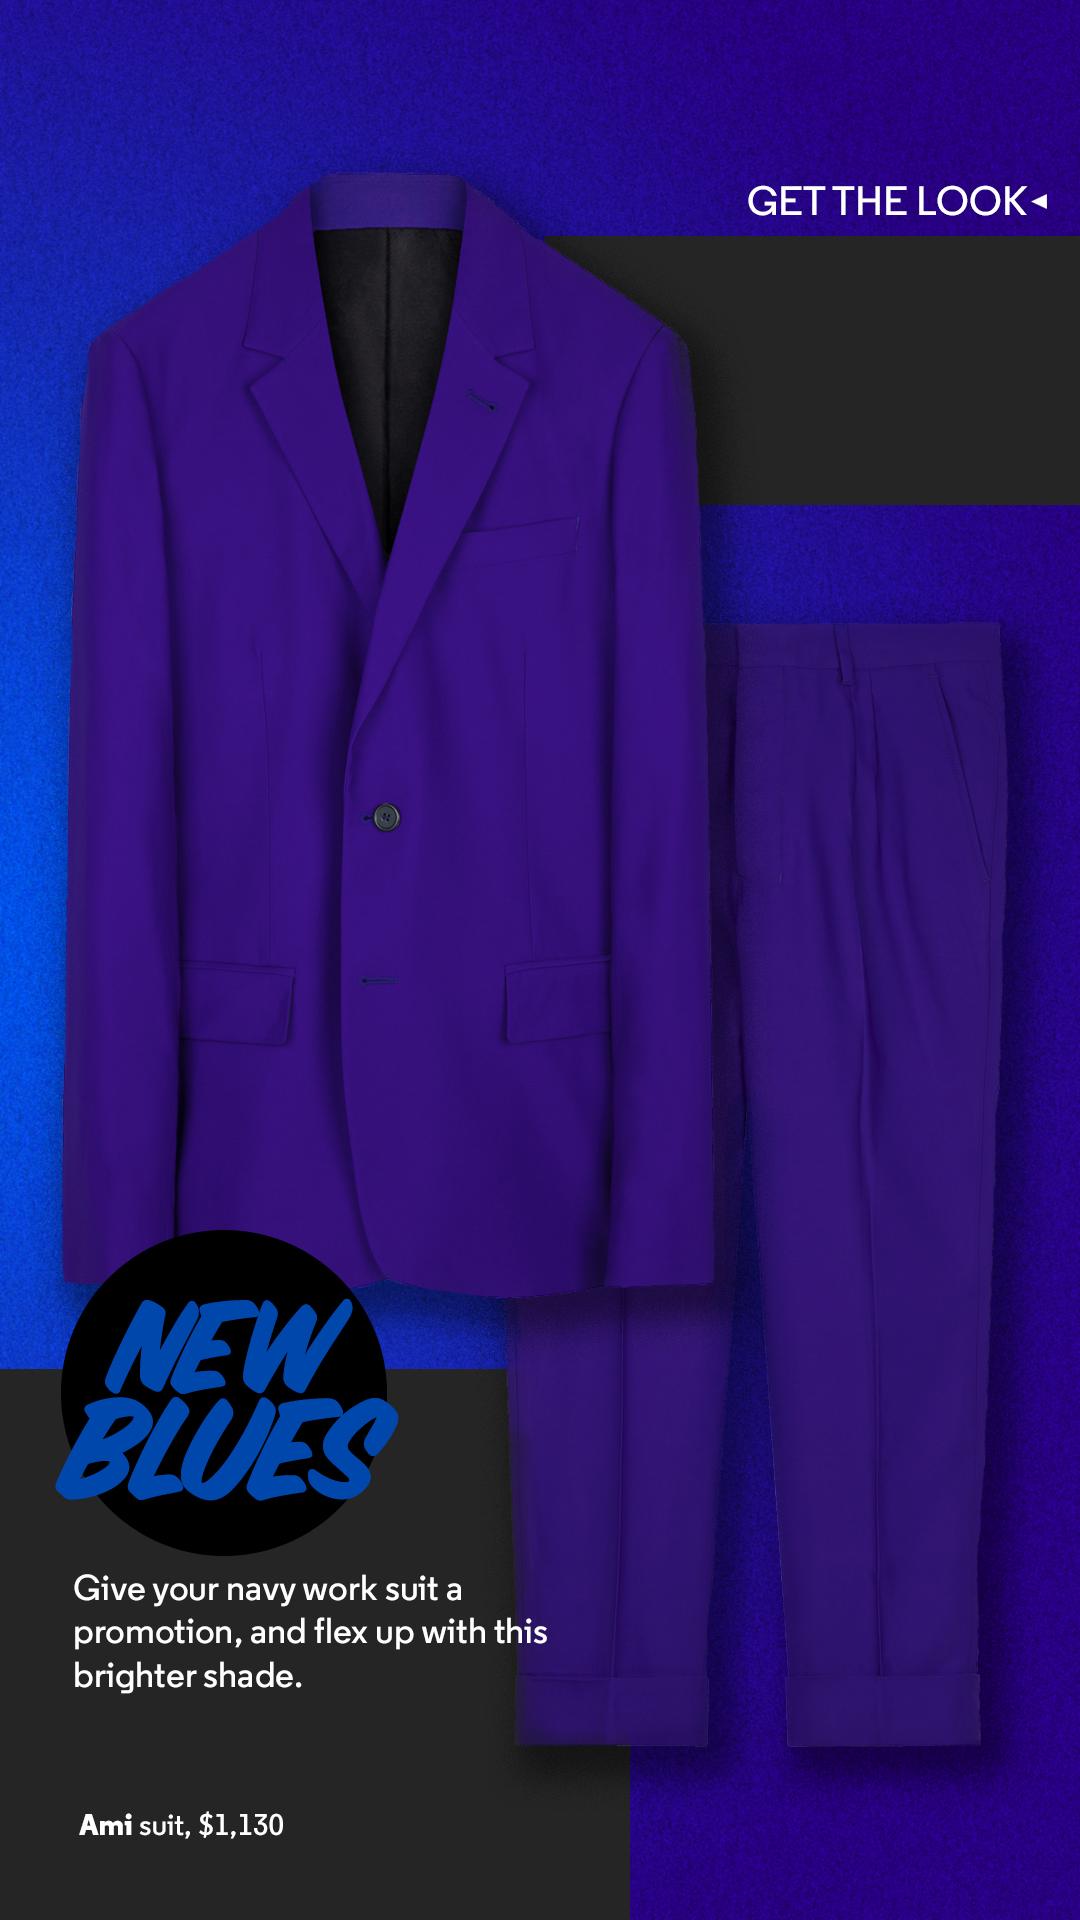 Ami Suit Slide.jpg